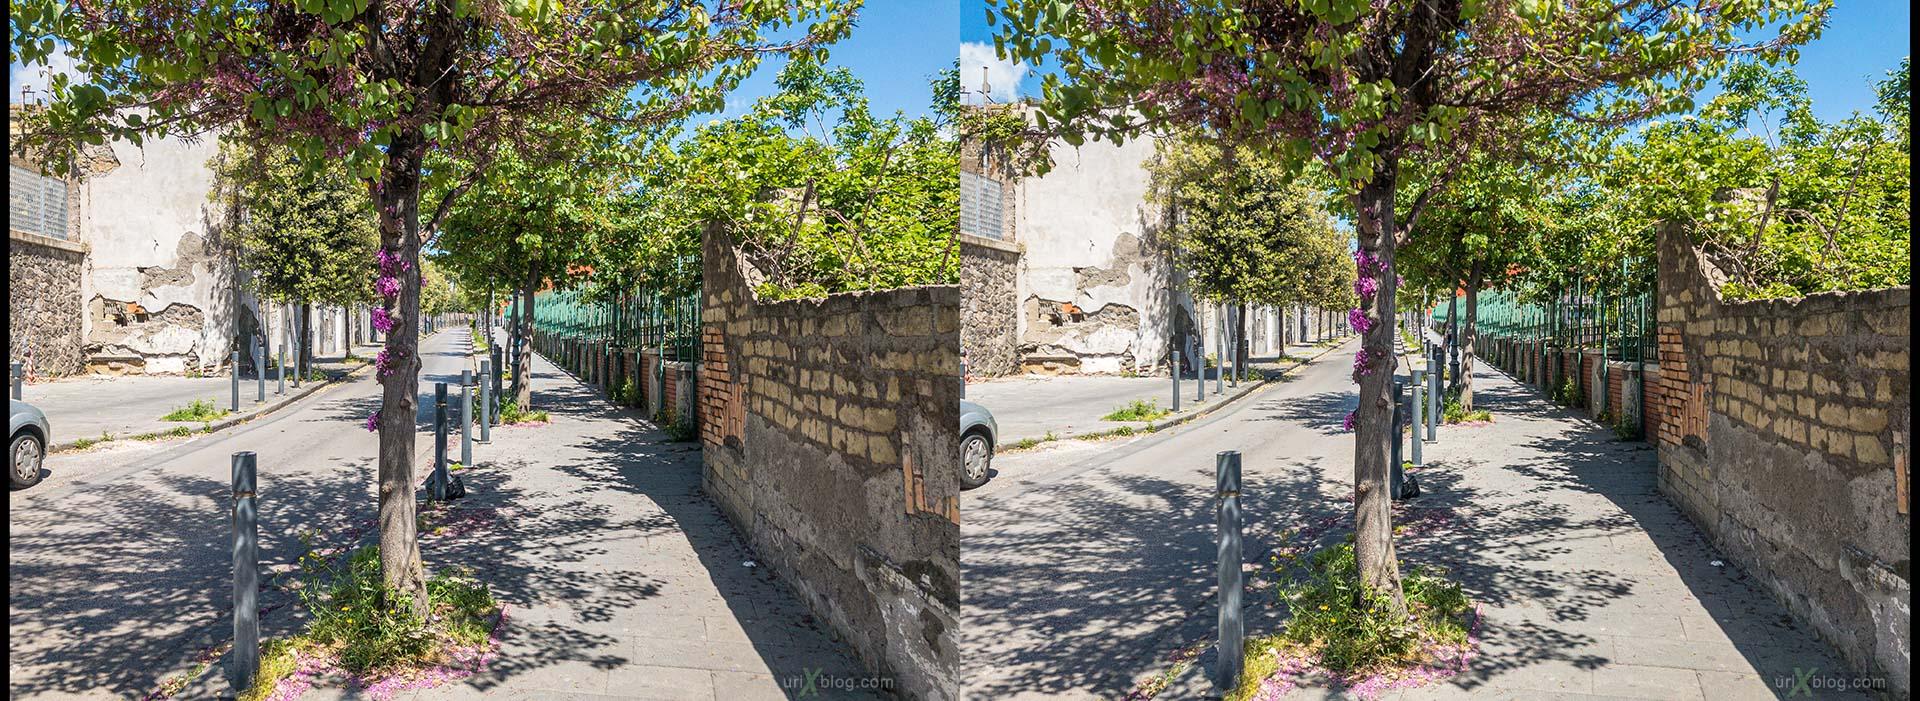 вилла Поппеи, Торре-Аннунциата, Италия, 3D, перекрёстная стереопара, стерео, стереопара